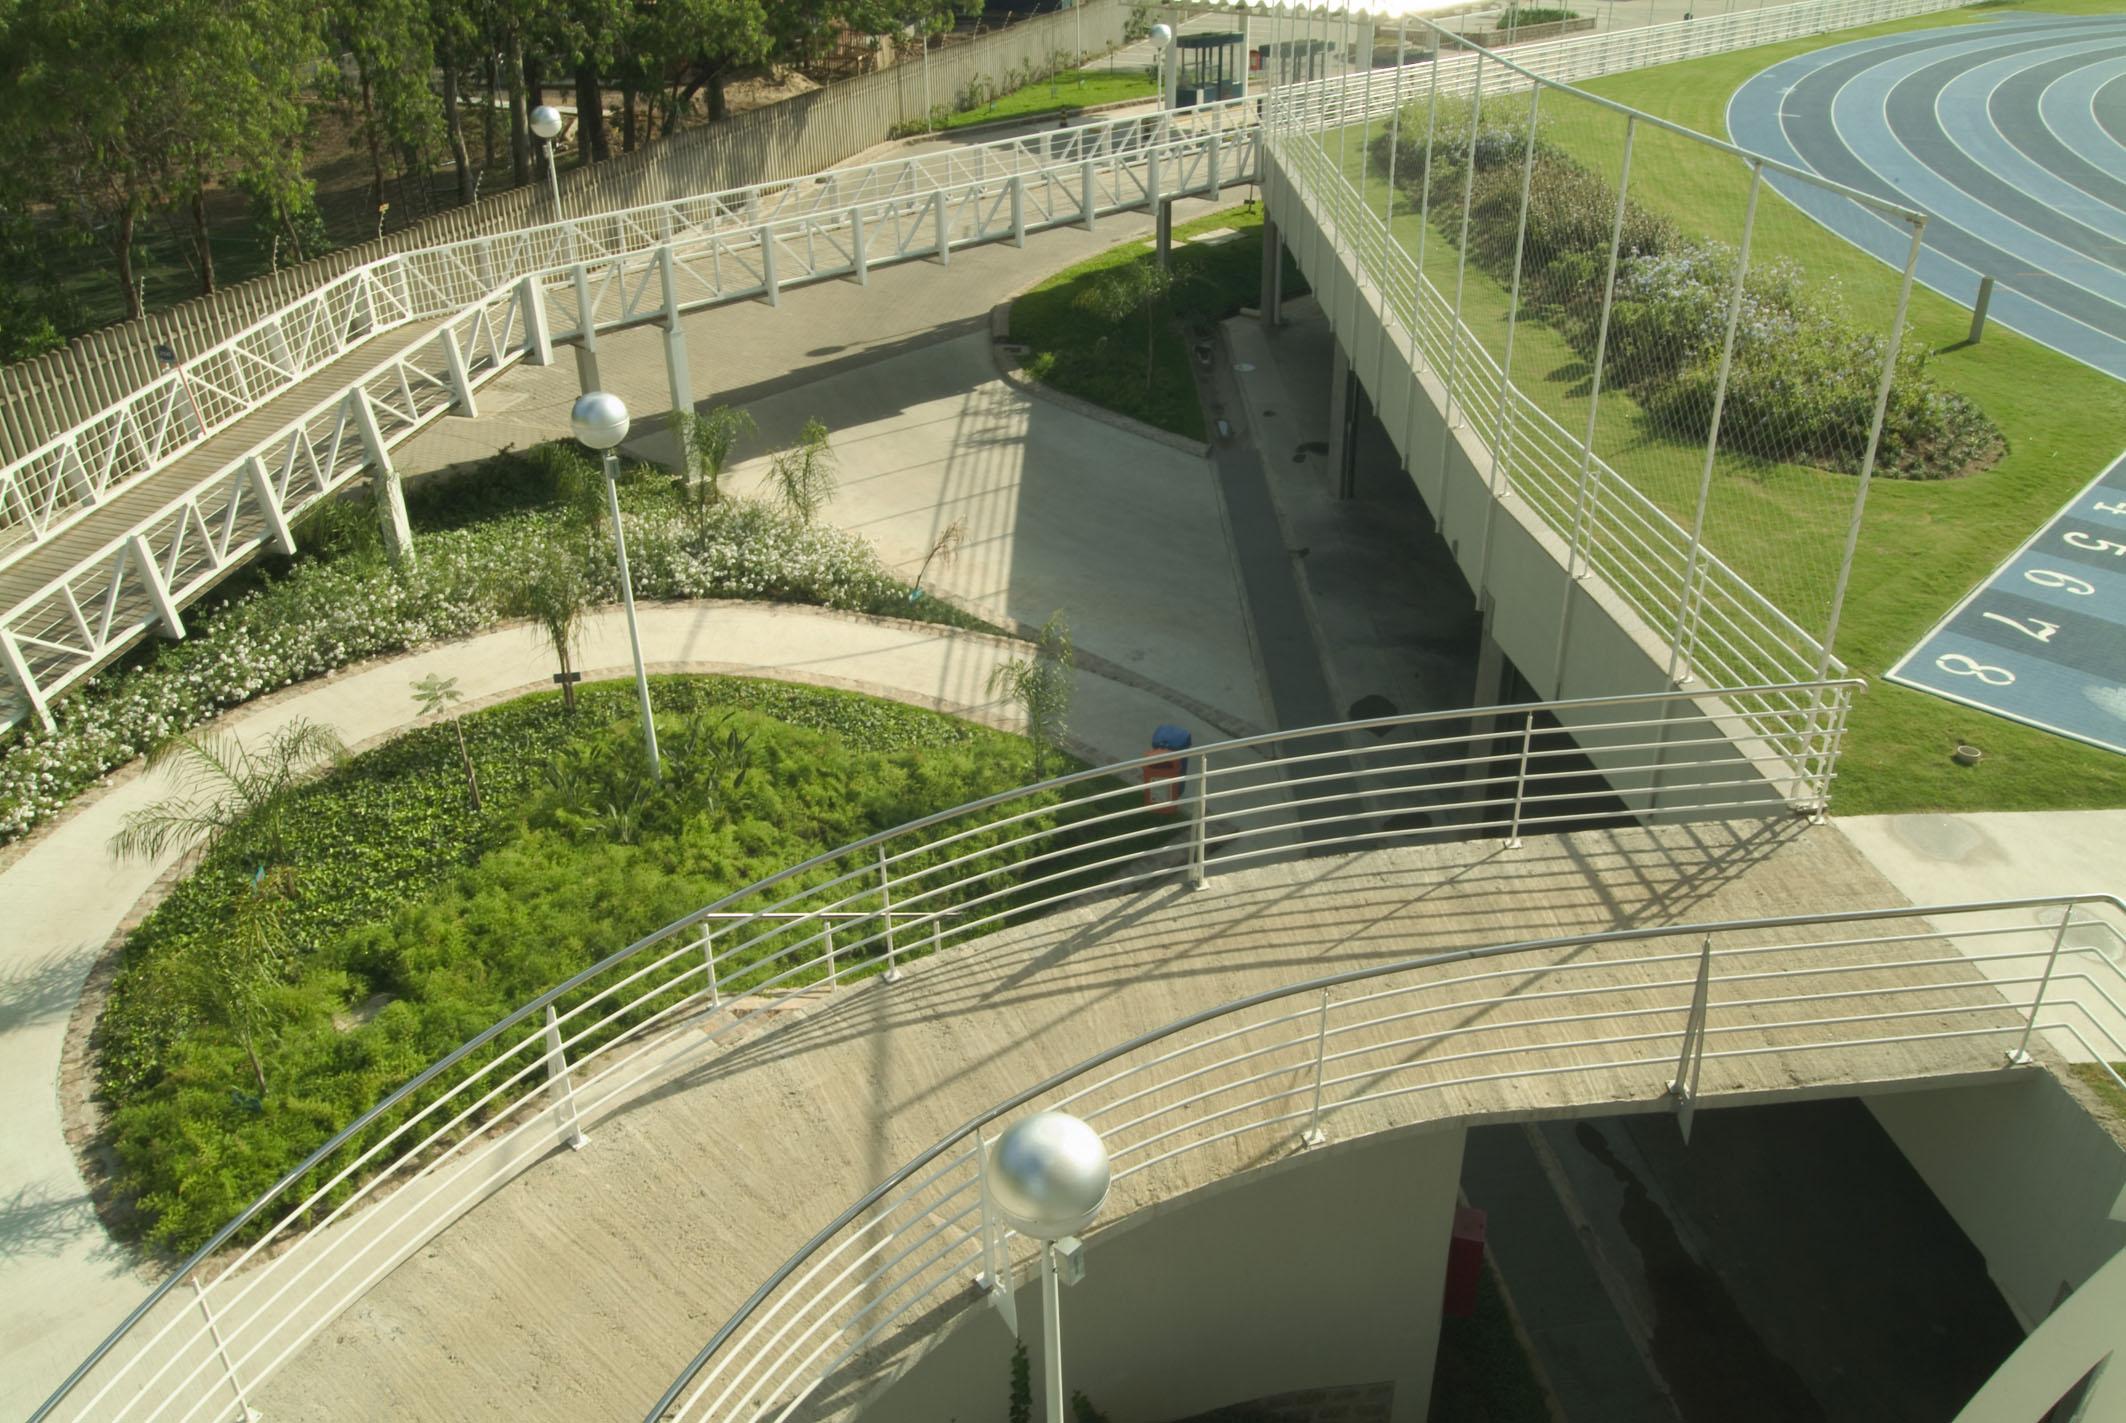 Jardins nas rampas de acesso para o campo foto: Eneida Serrano